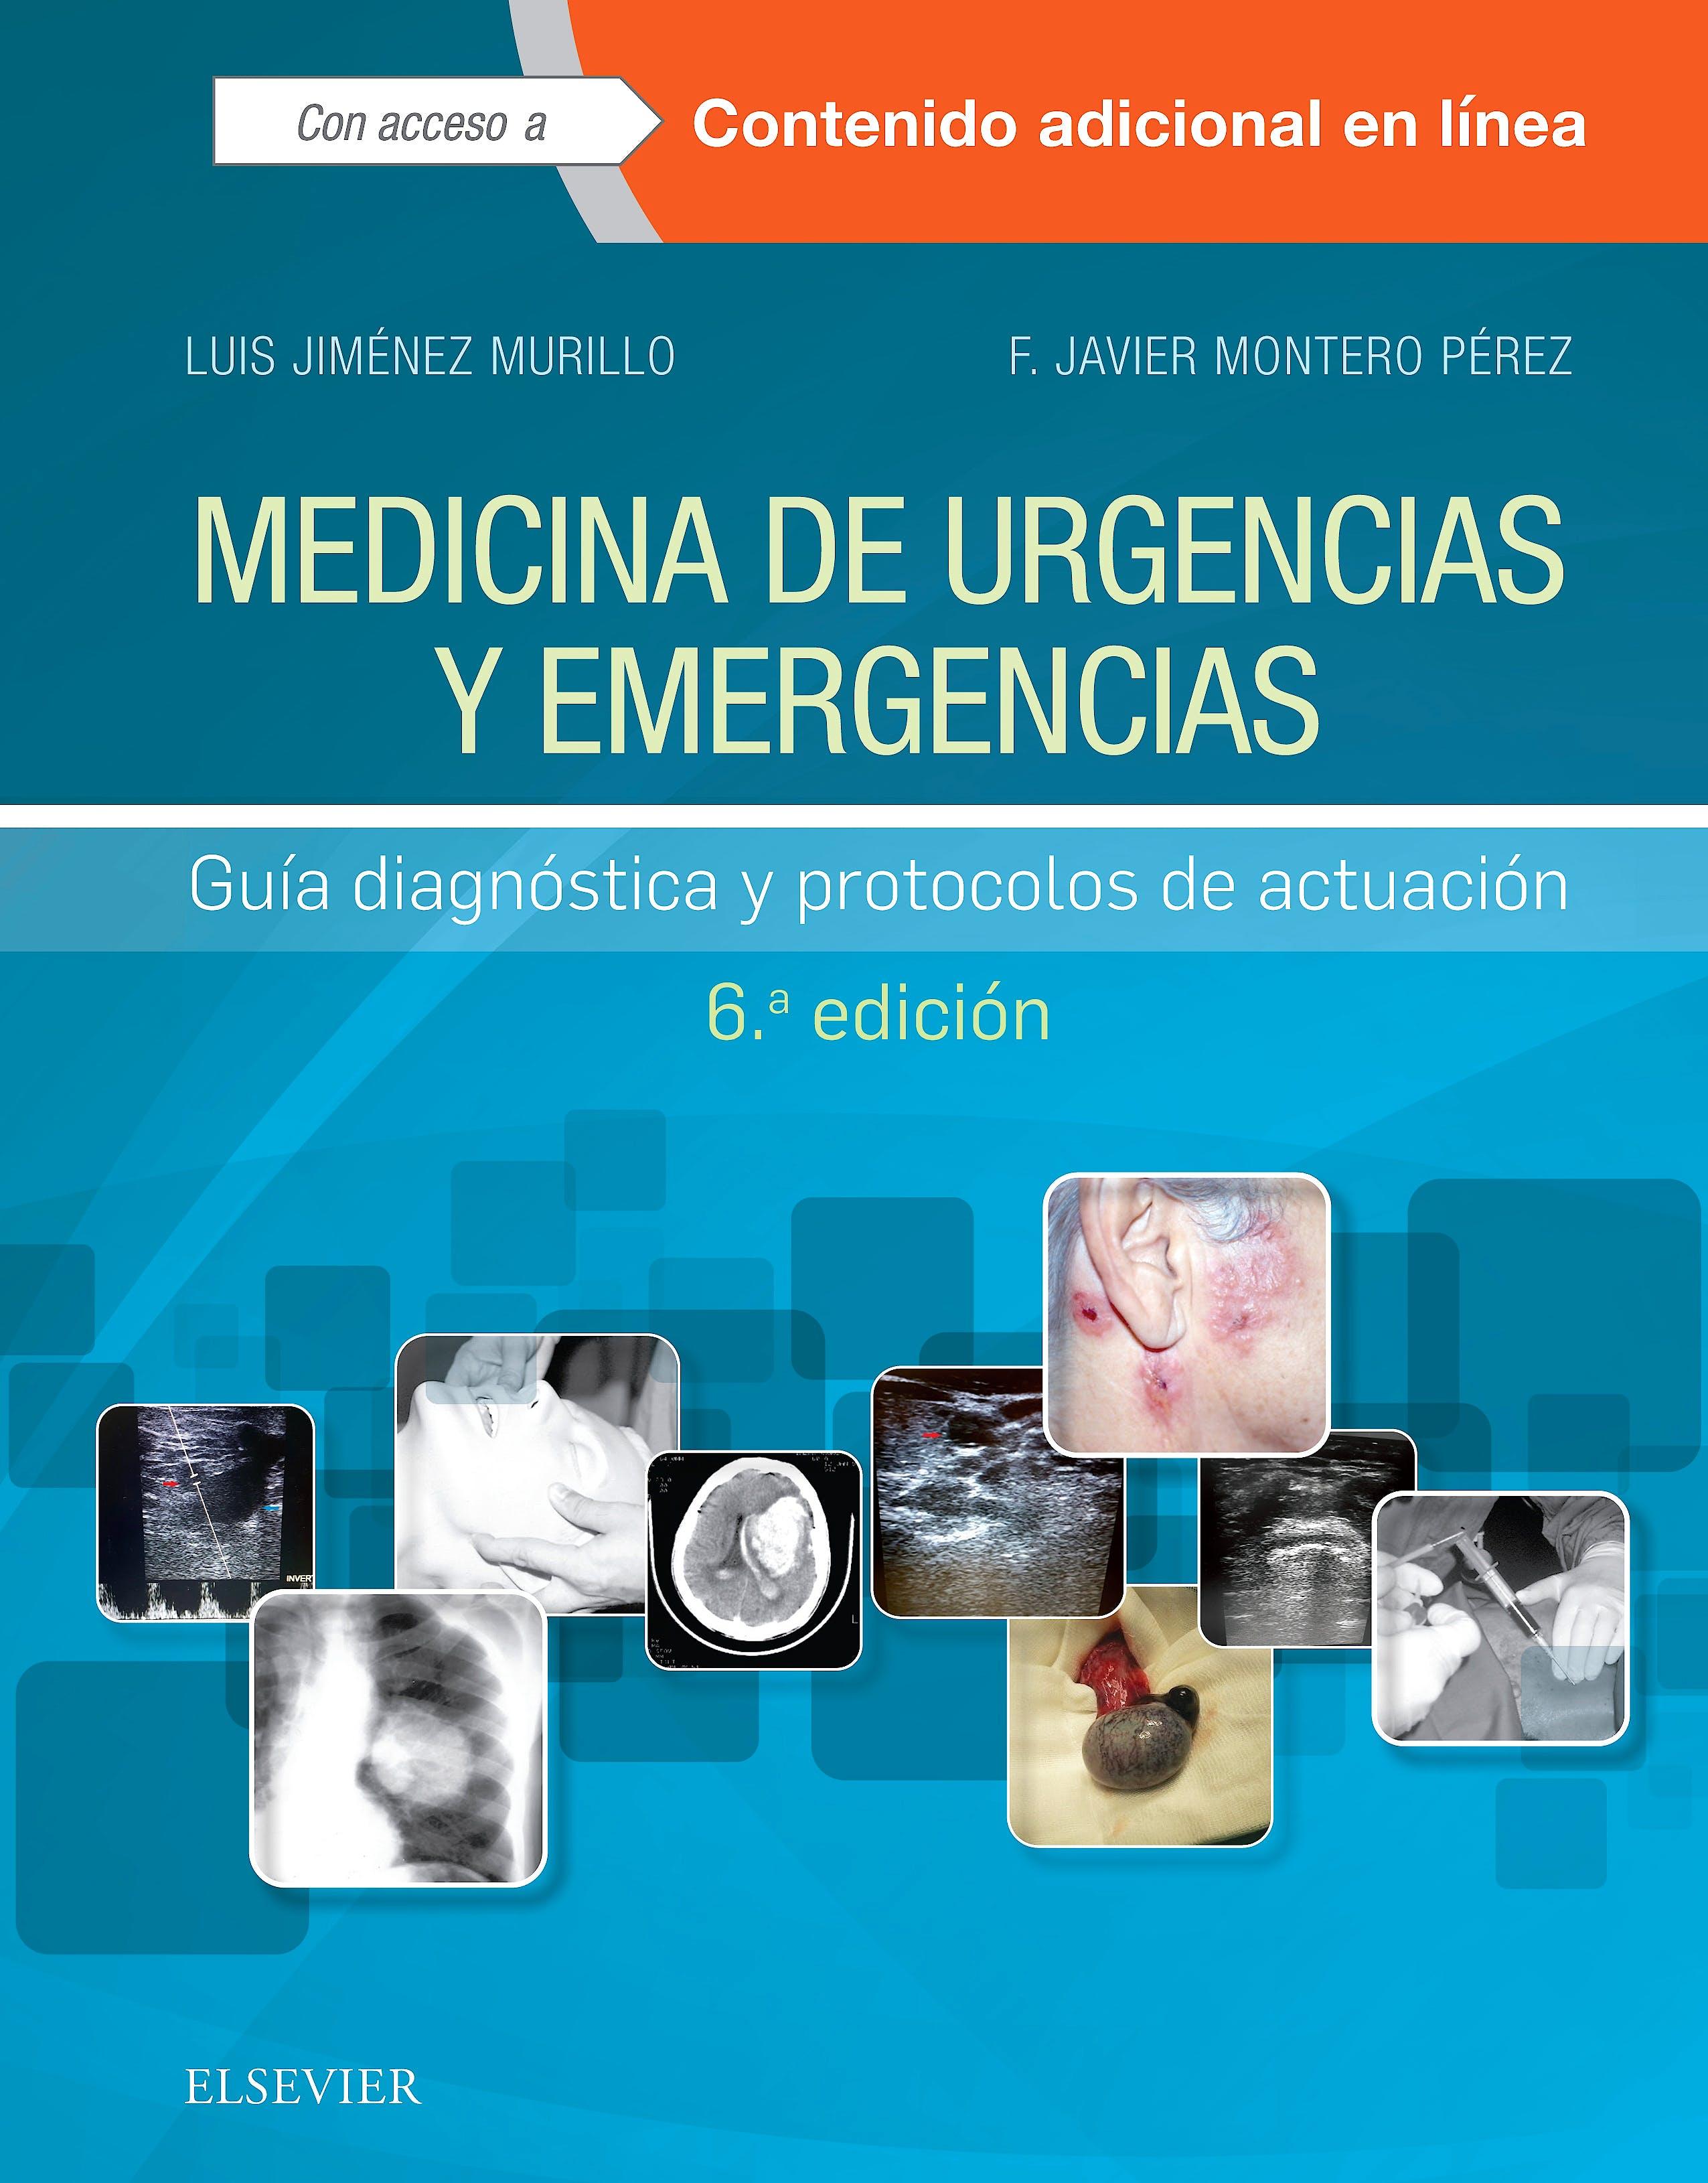 manual de urgencias jimenez murillo pdf